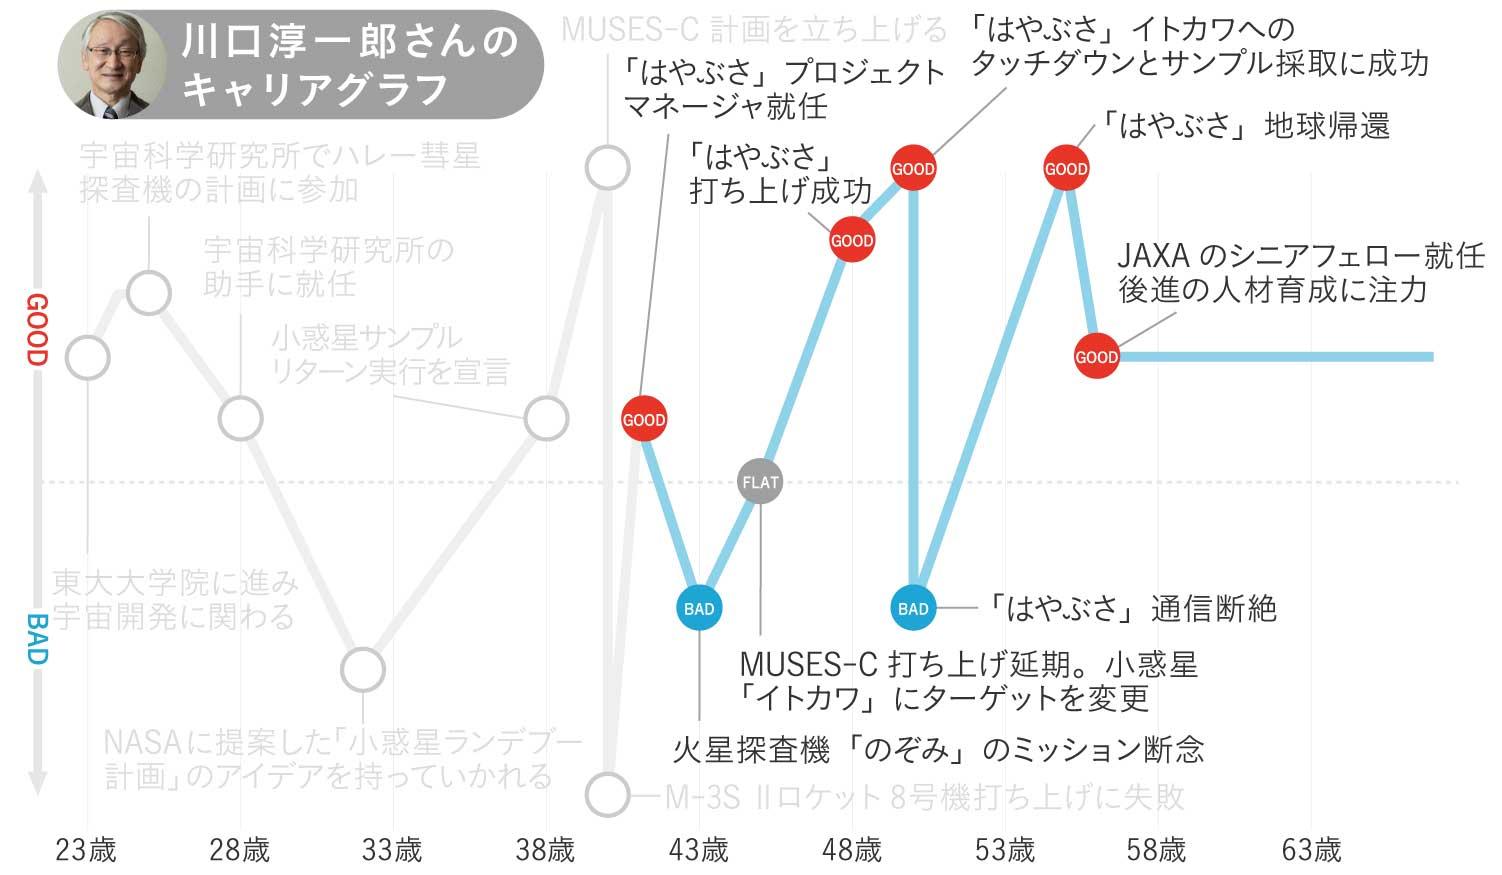 川口淳一郎さんのキャリアグラフ3